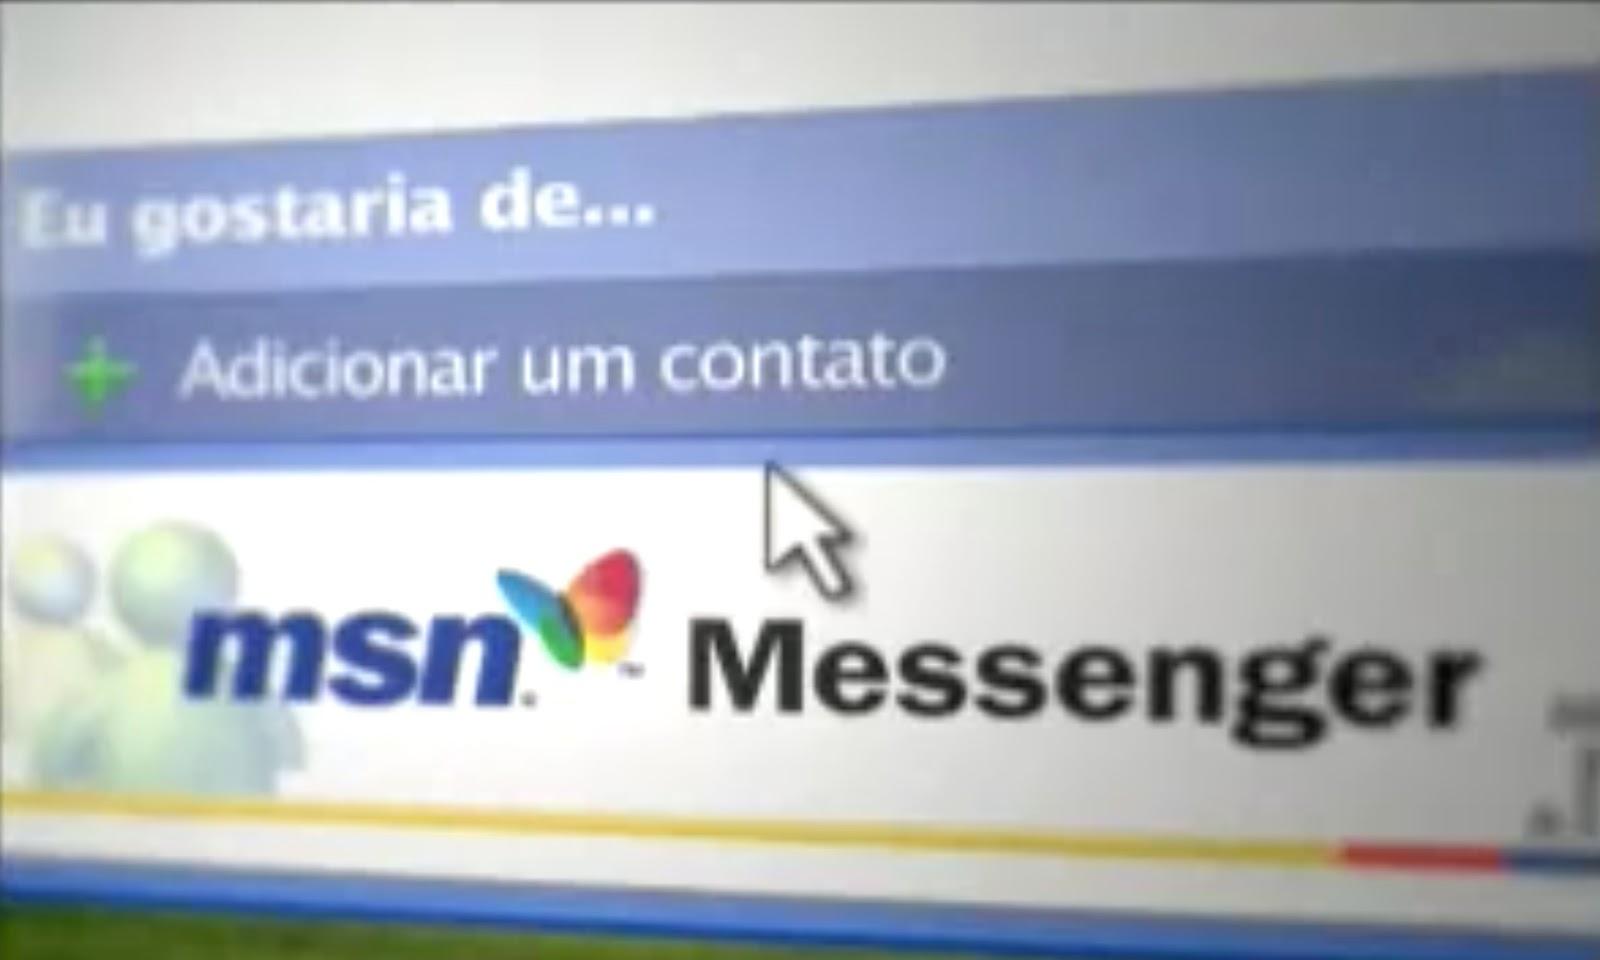 Campanha da Microsoft promovendo o MSN Messenger em 2004